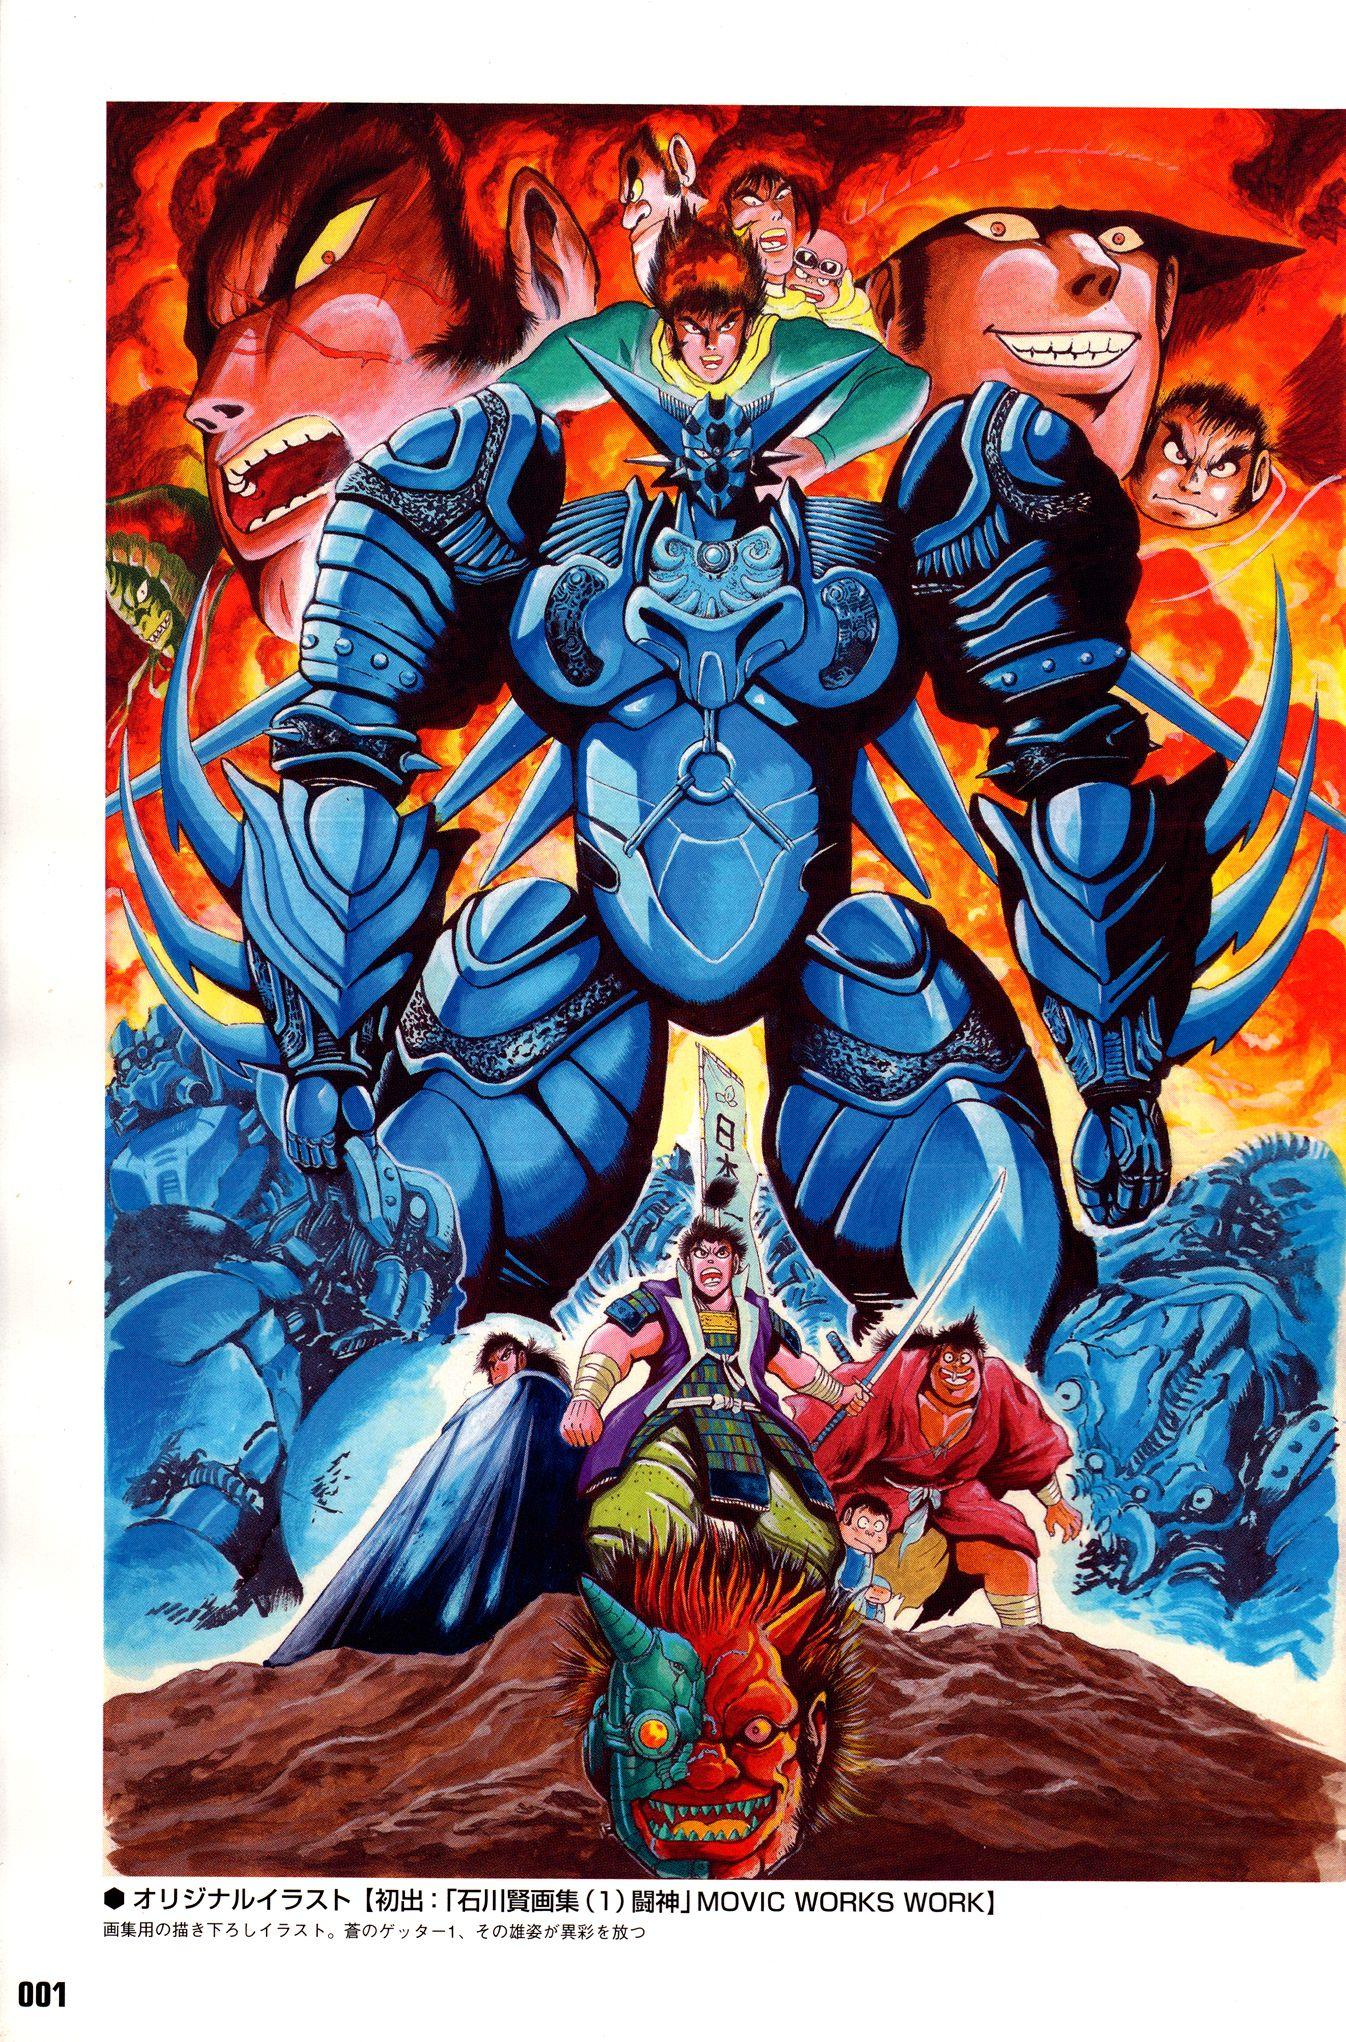 Ken Ishikawa - Getter Robo Bible (001) | イラスト, キャラクターデザイン, アニメ